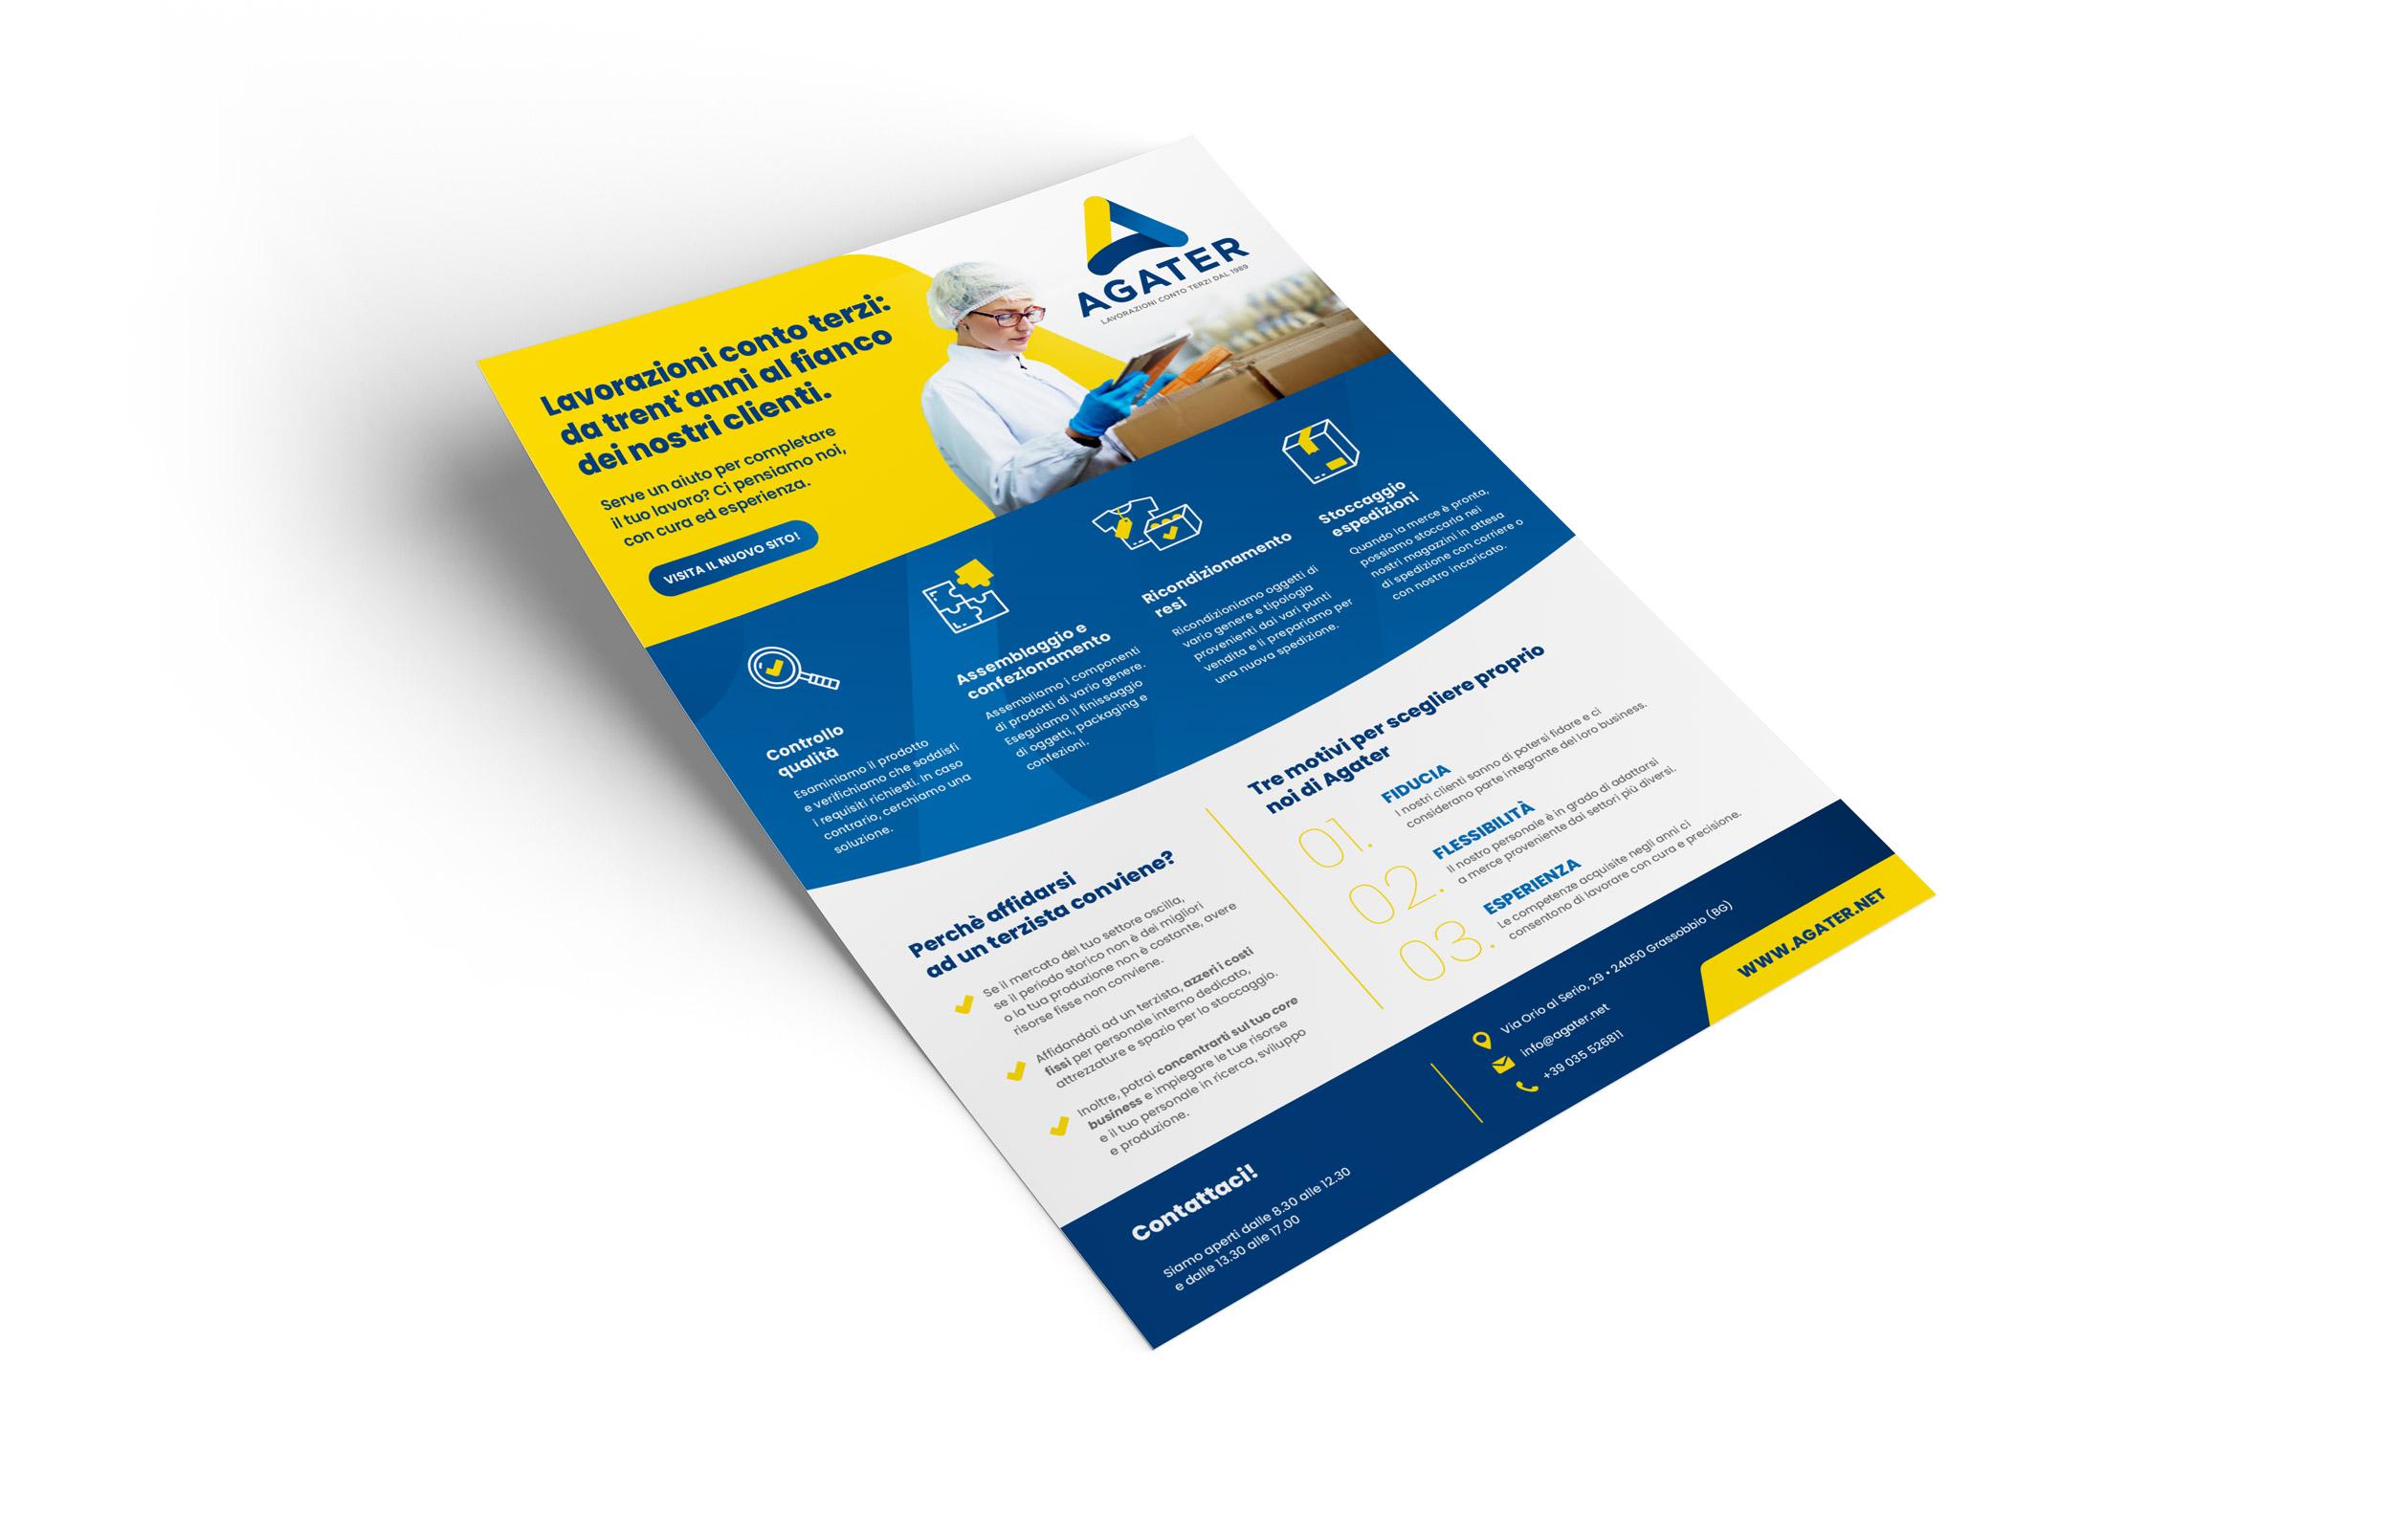 Presentazione aziendale formato A4 Agater